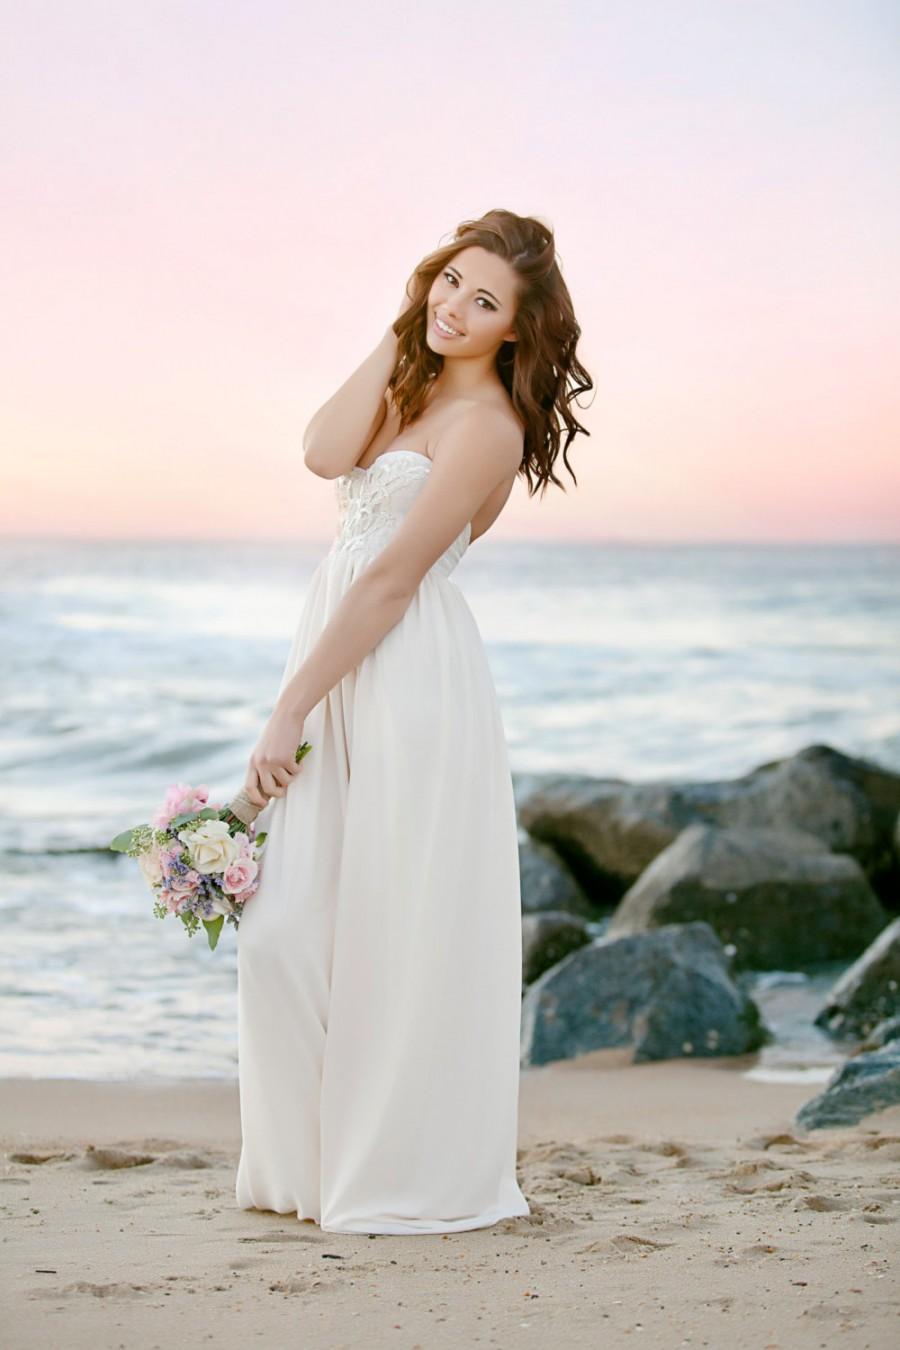 Свадьба - Bohemian Wedding Dress Beaded Sequin Romantic Strapless Wedding Gown- Verona